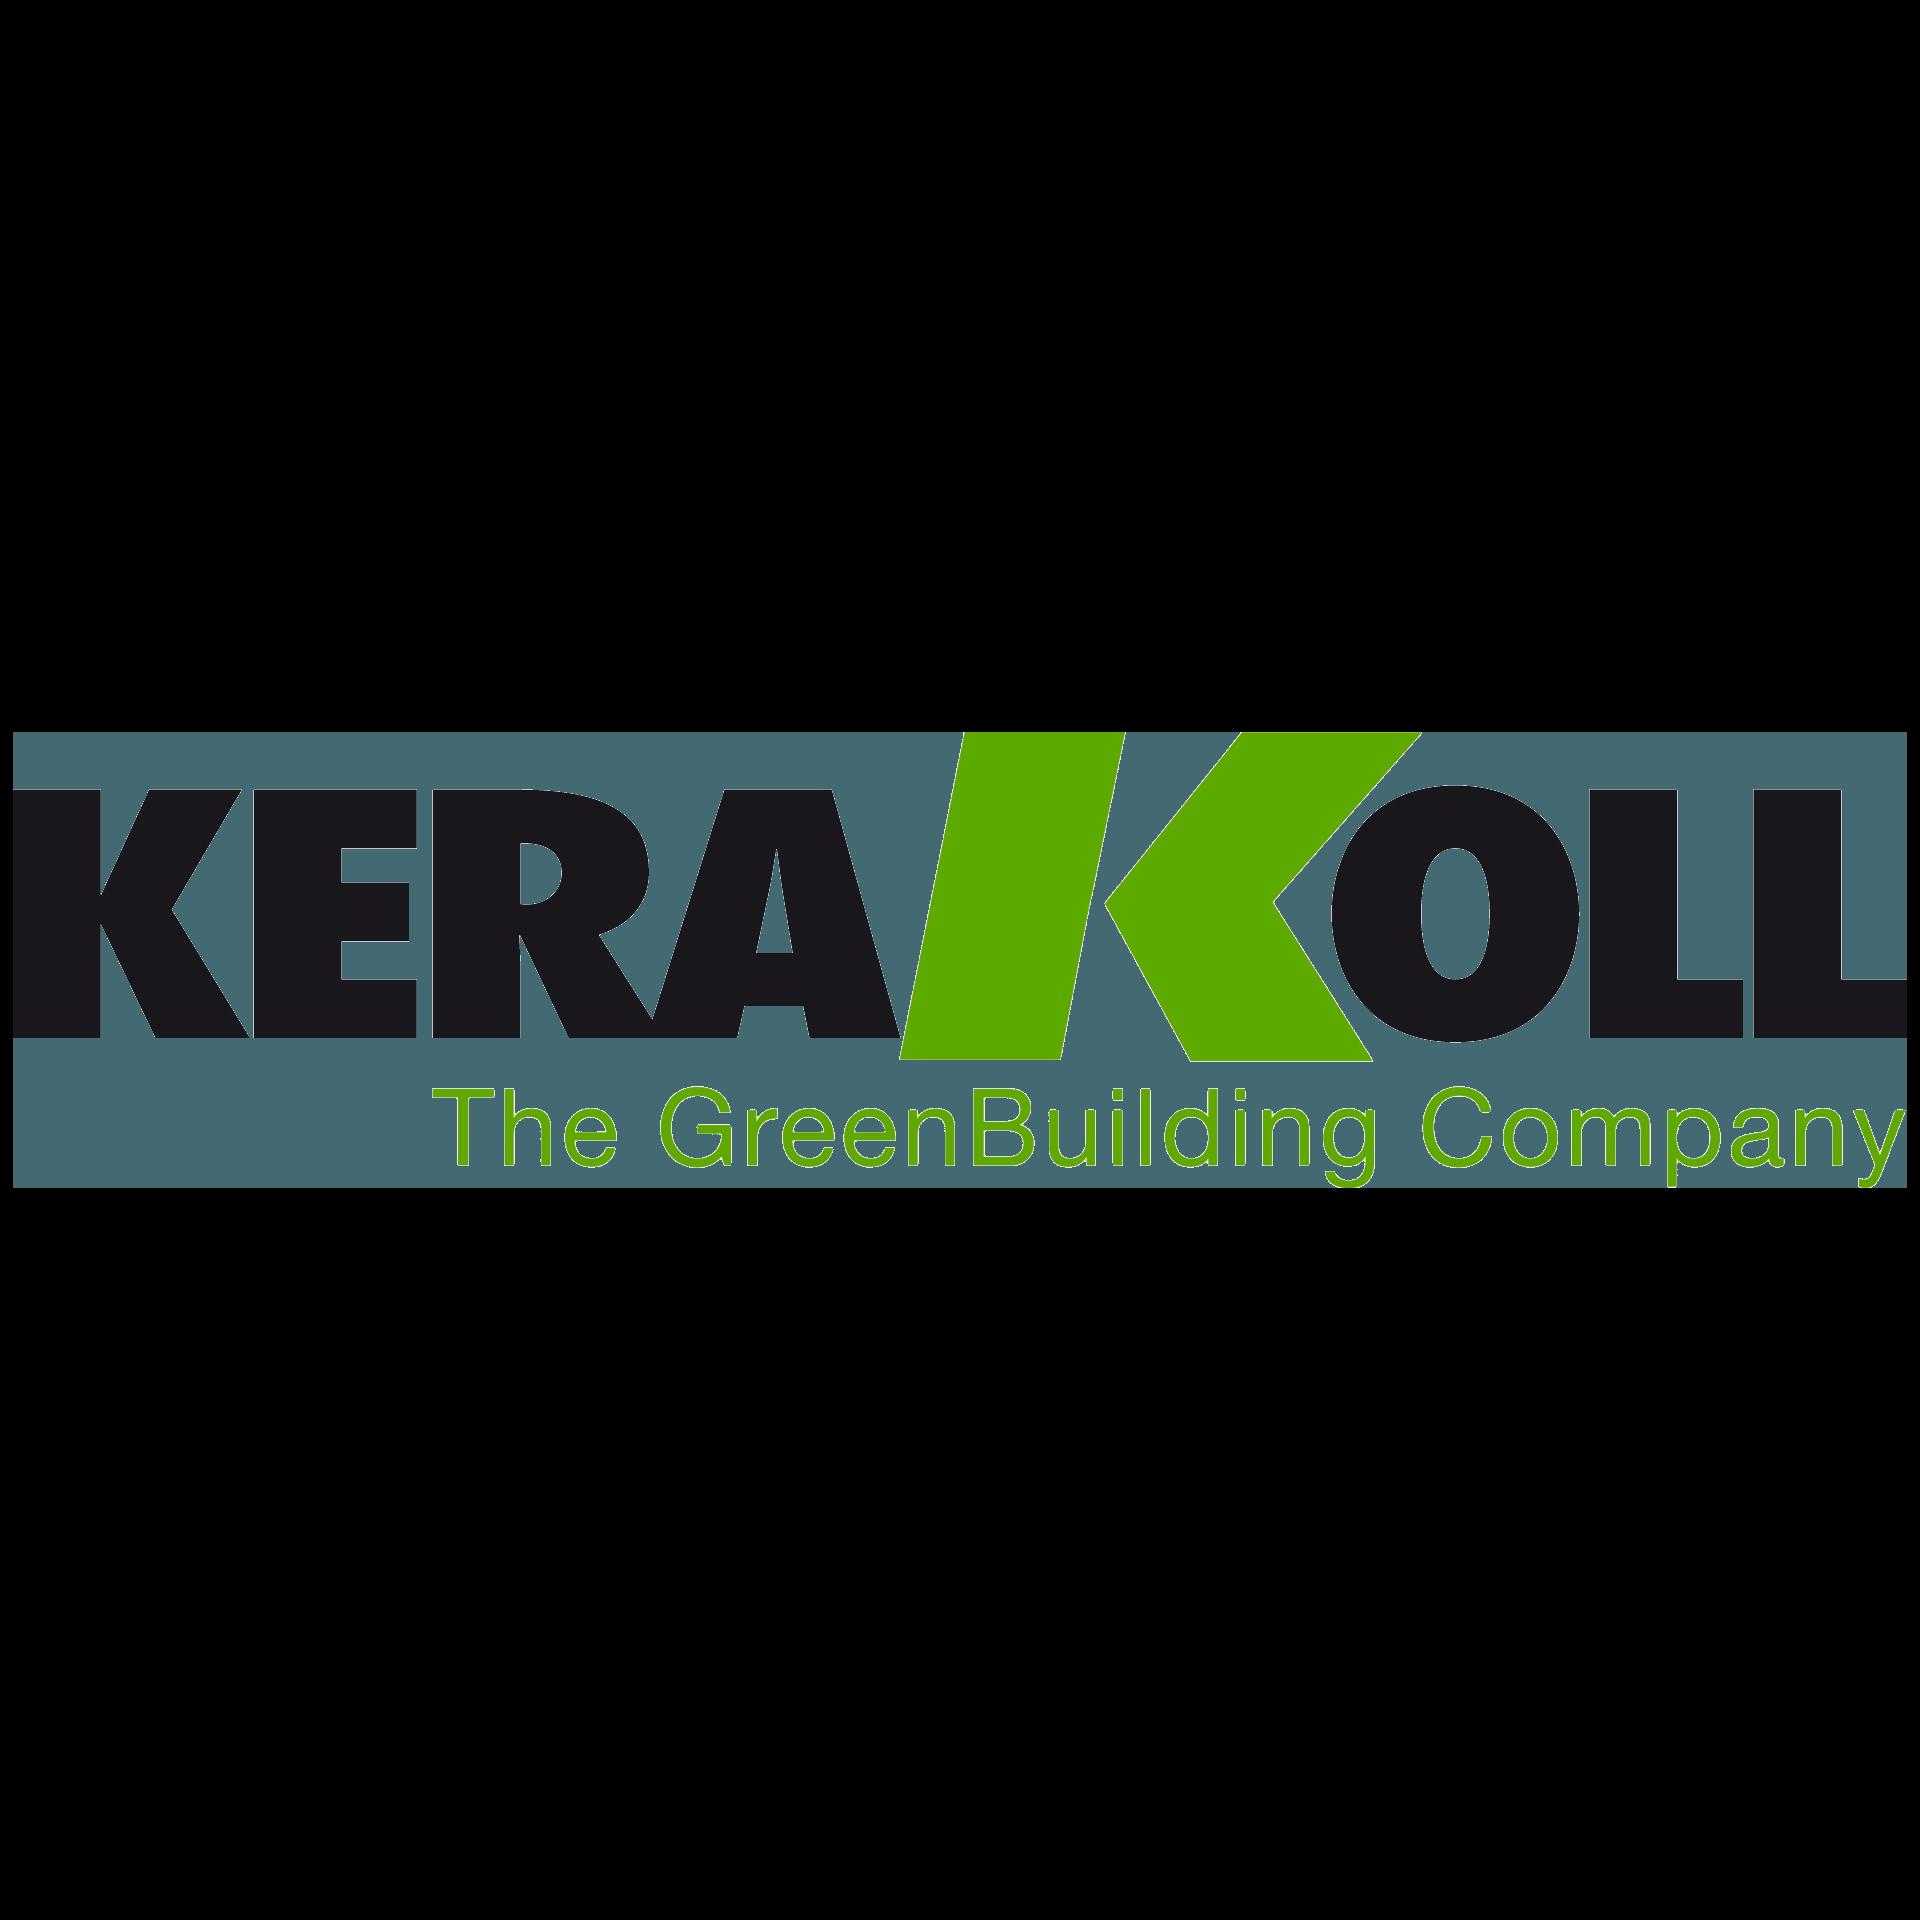 Logo Kerakoll